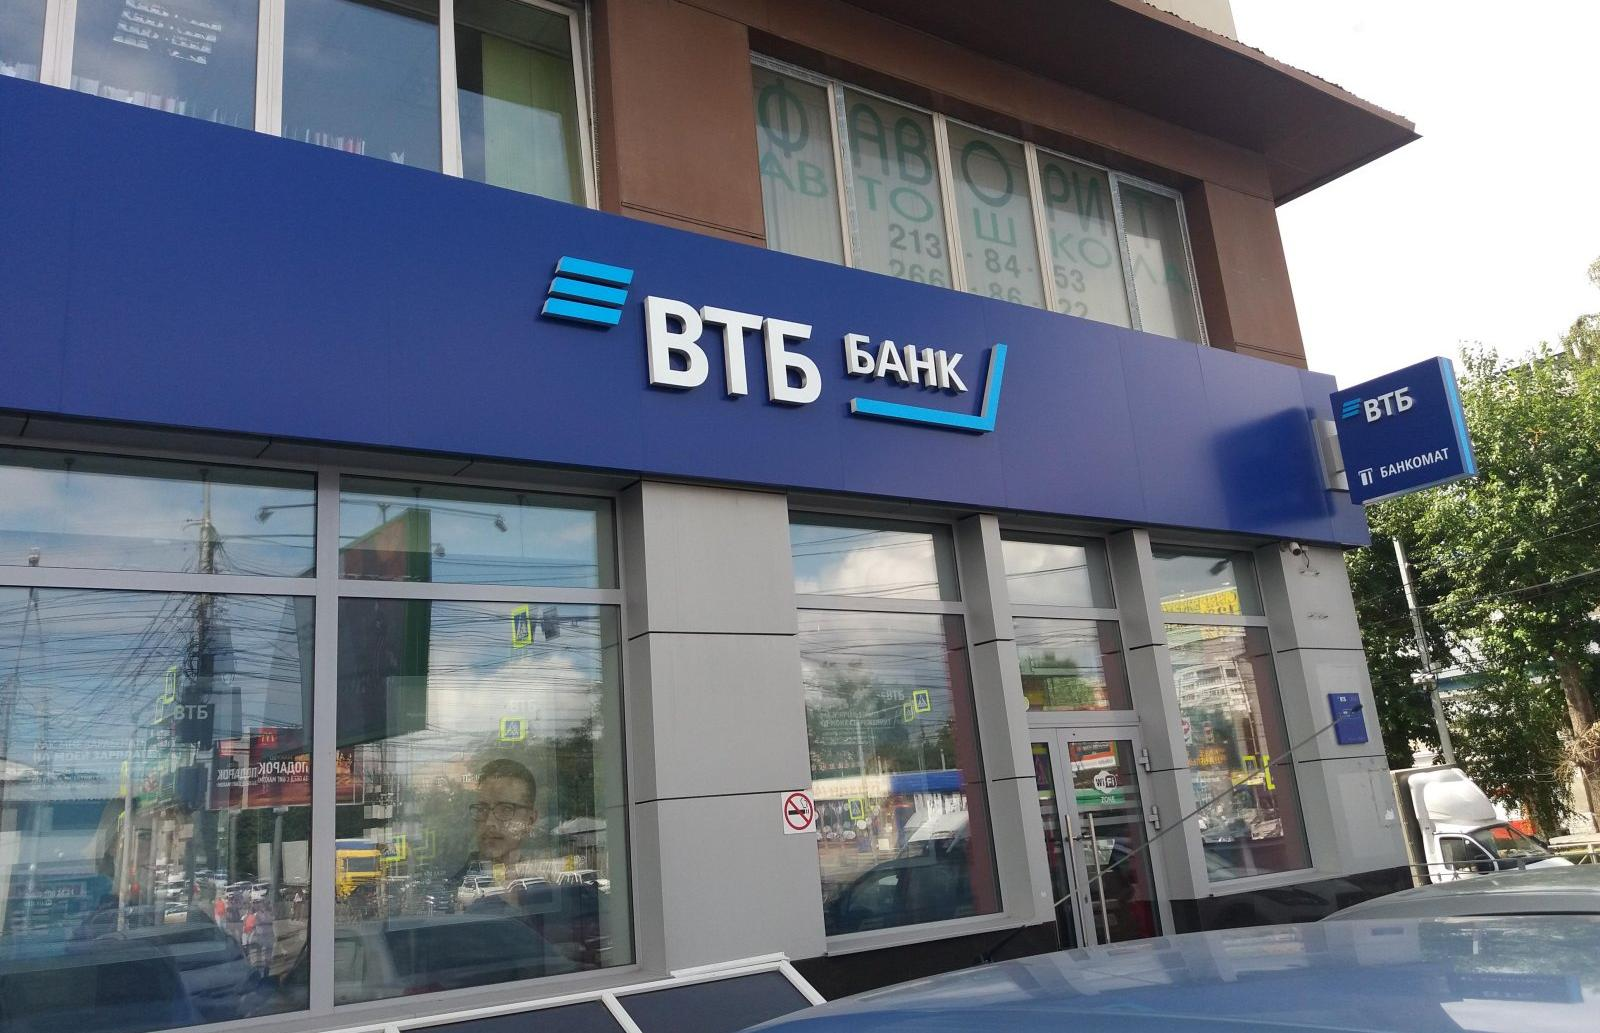 ВТБ присвоен высший класс «Антикоррупционного рейтинга российского бизнеса» - новости Афанасий